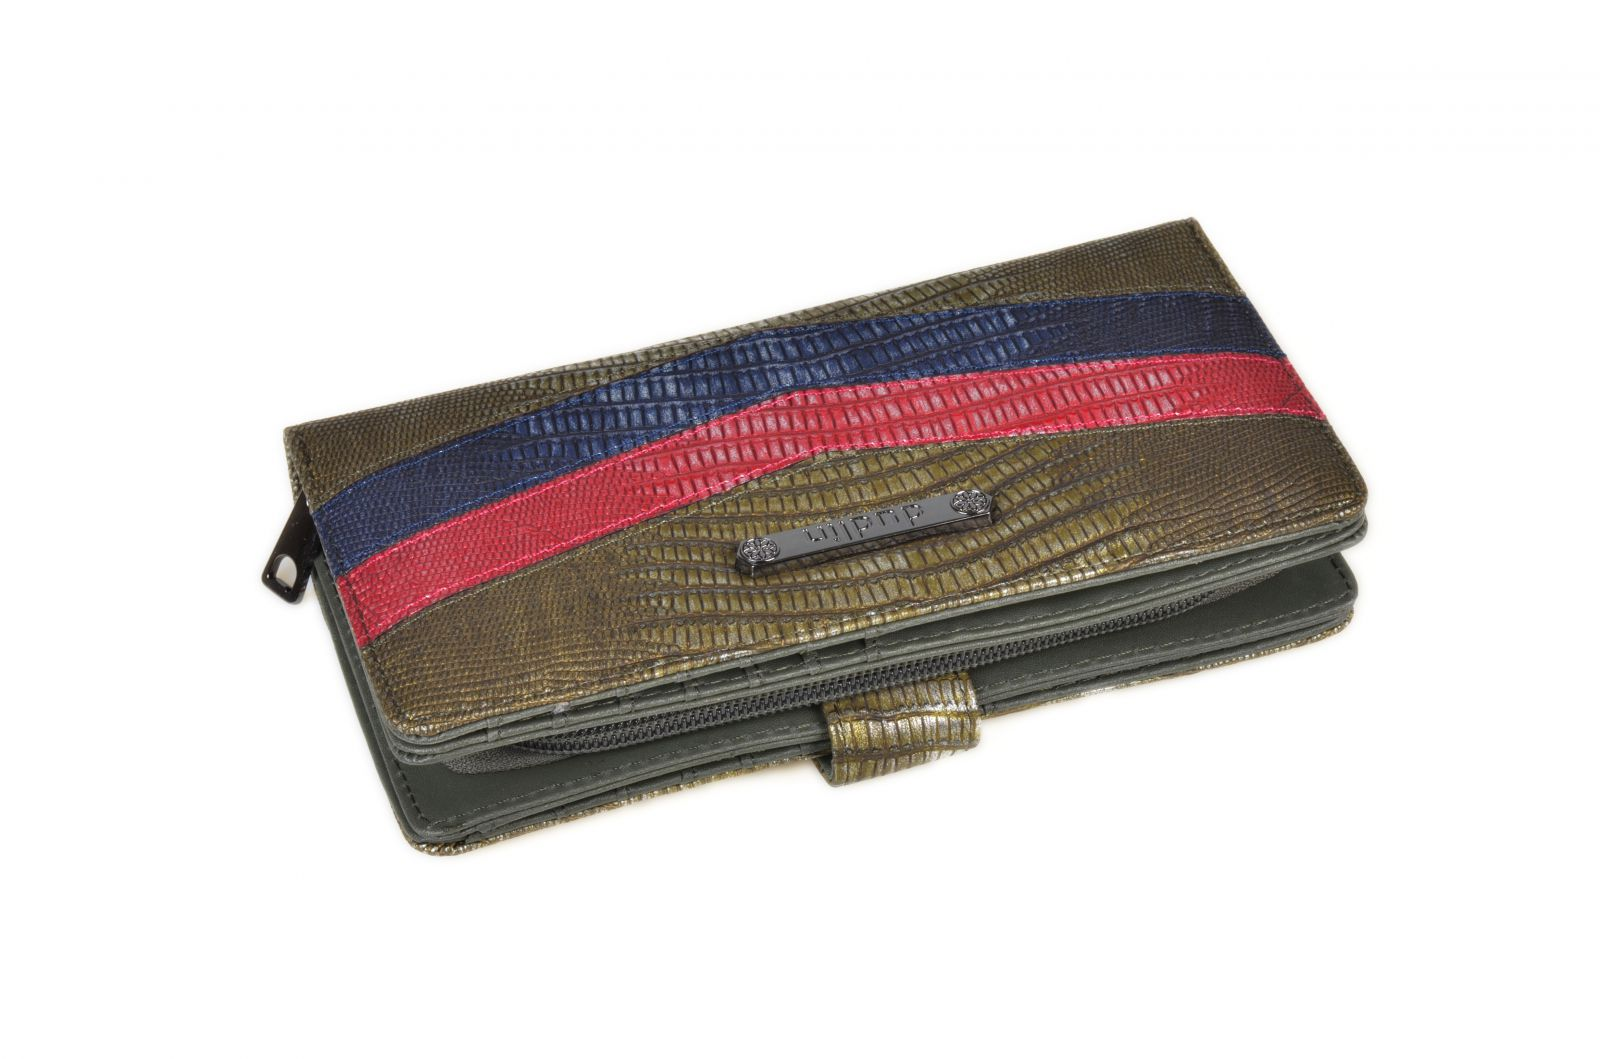 Dámská peněženka Dudlin v krabičce M286 green E-batoh